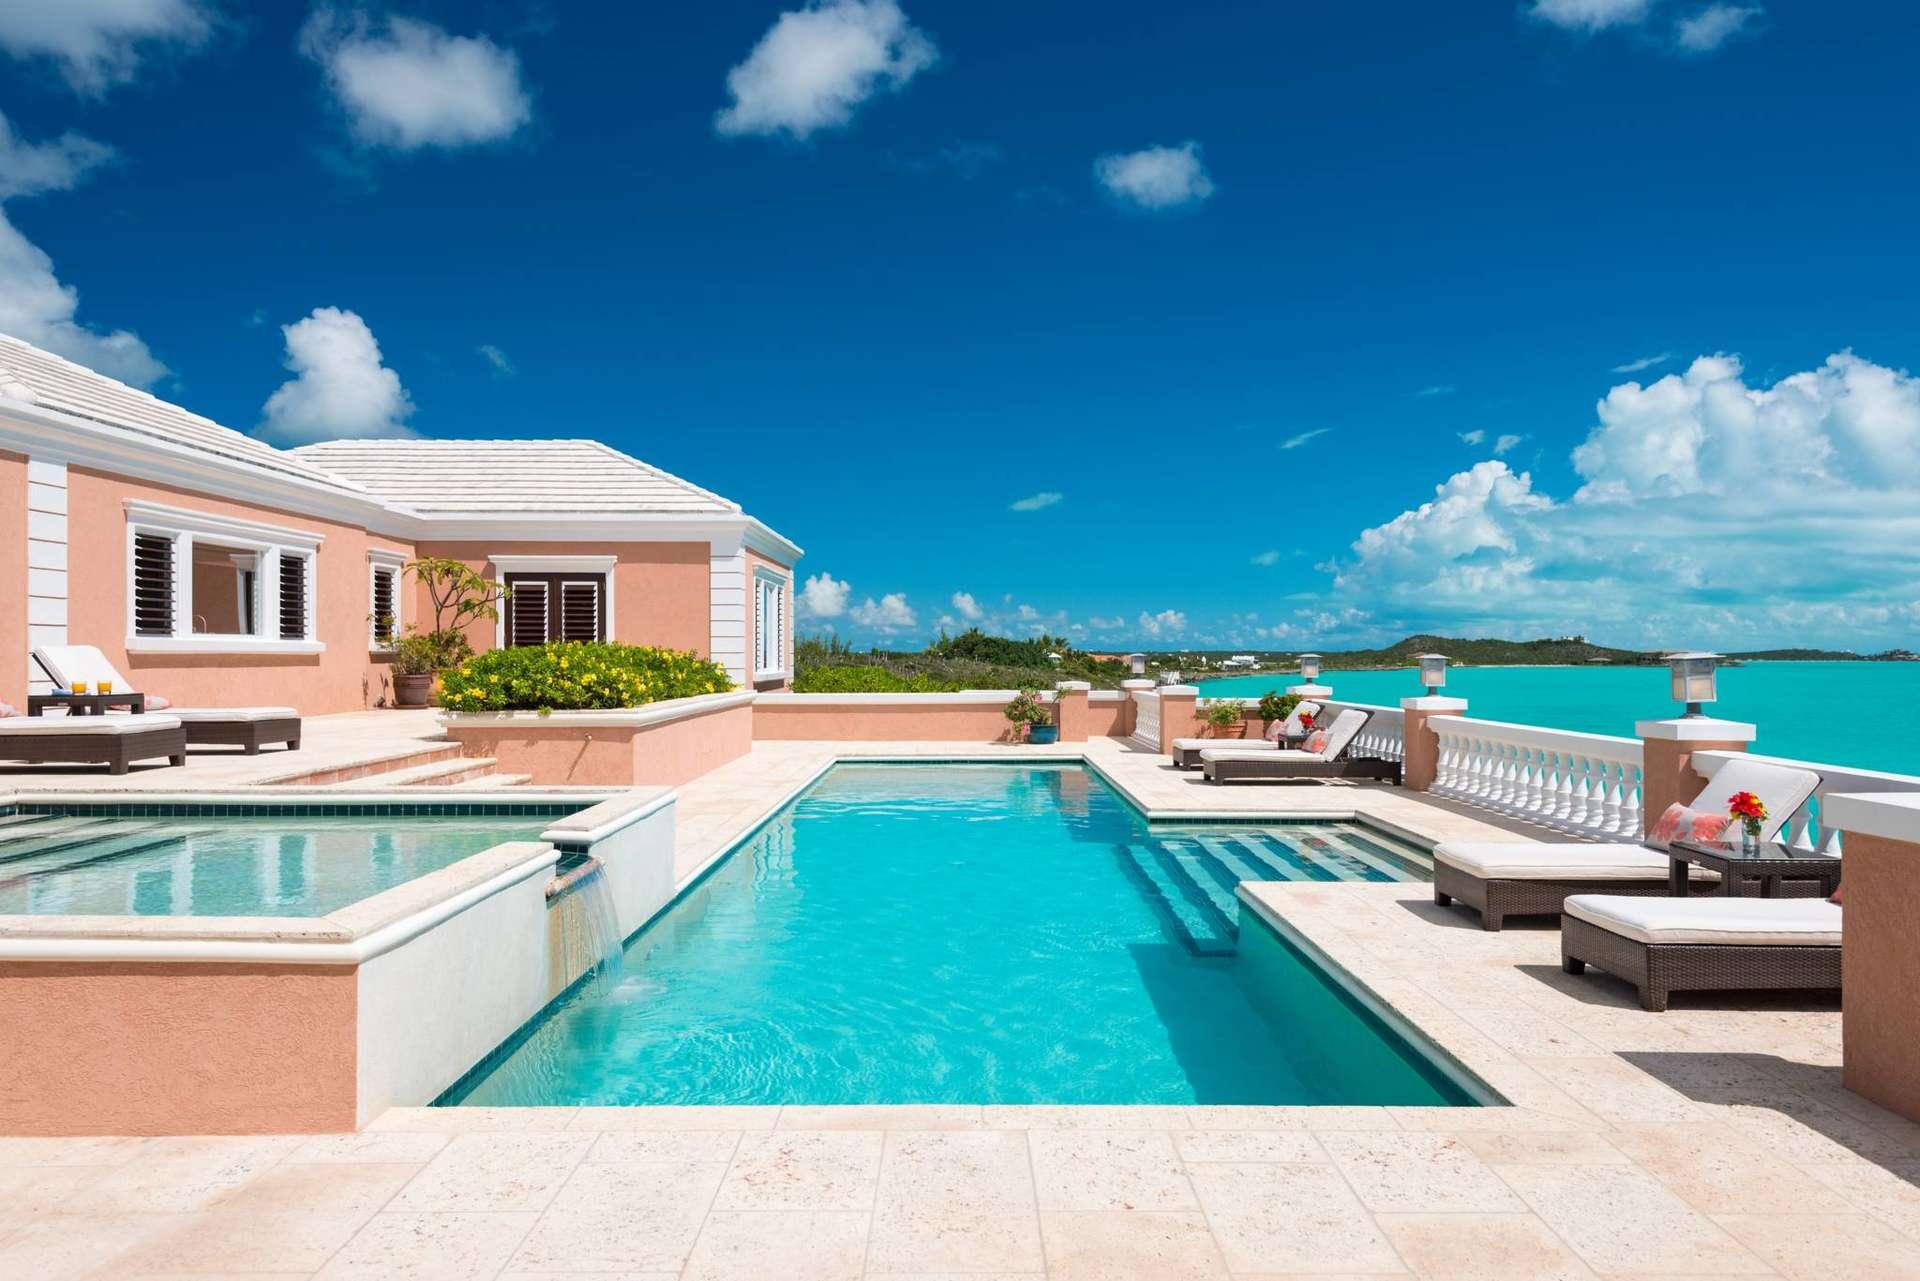 Luxury villa rentals caribbean - Turks and caicos - Providenciales - Turtle tail - Villa Palermo - Image 1/18